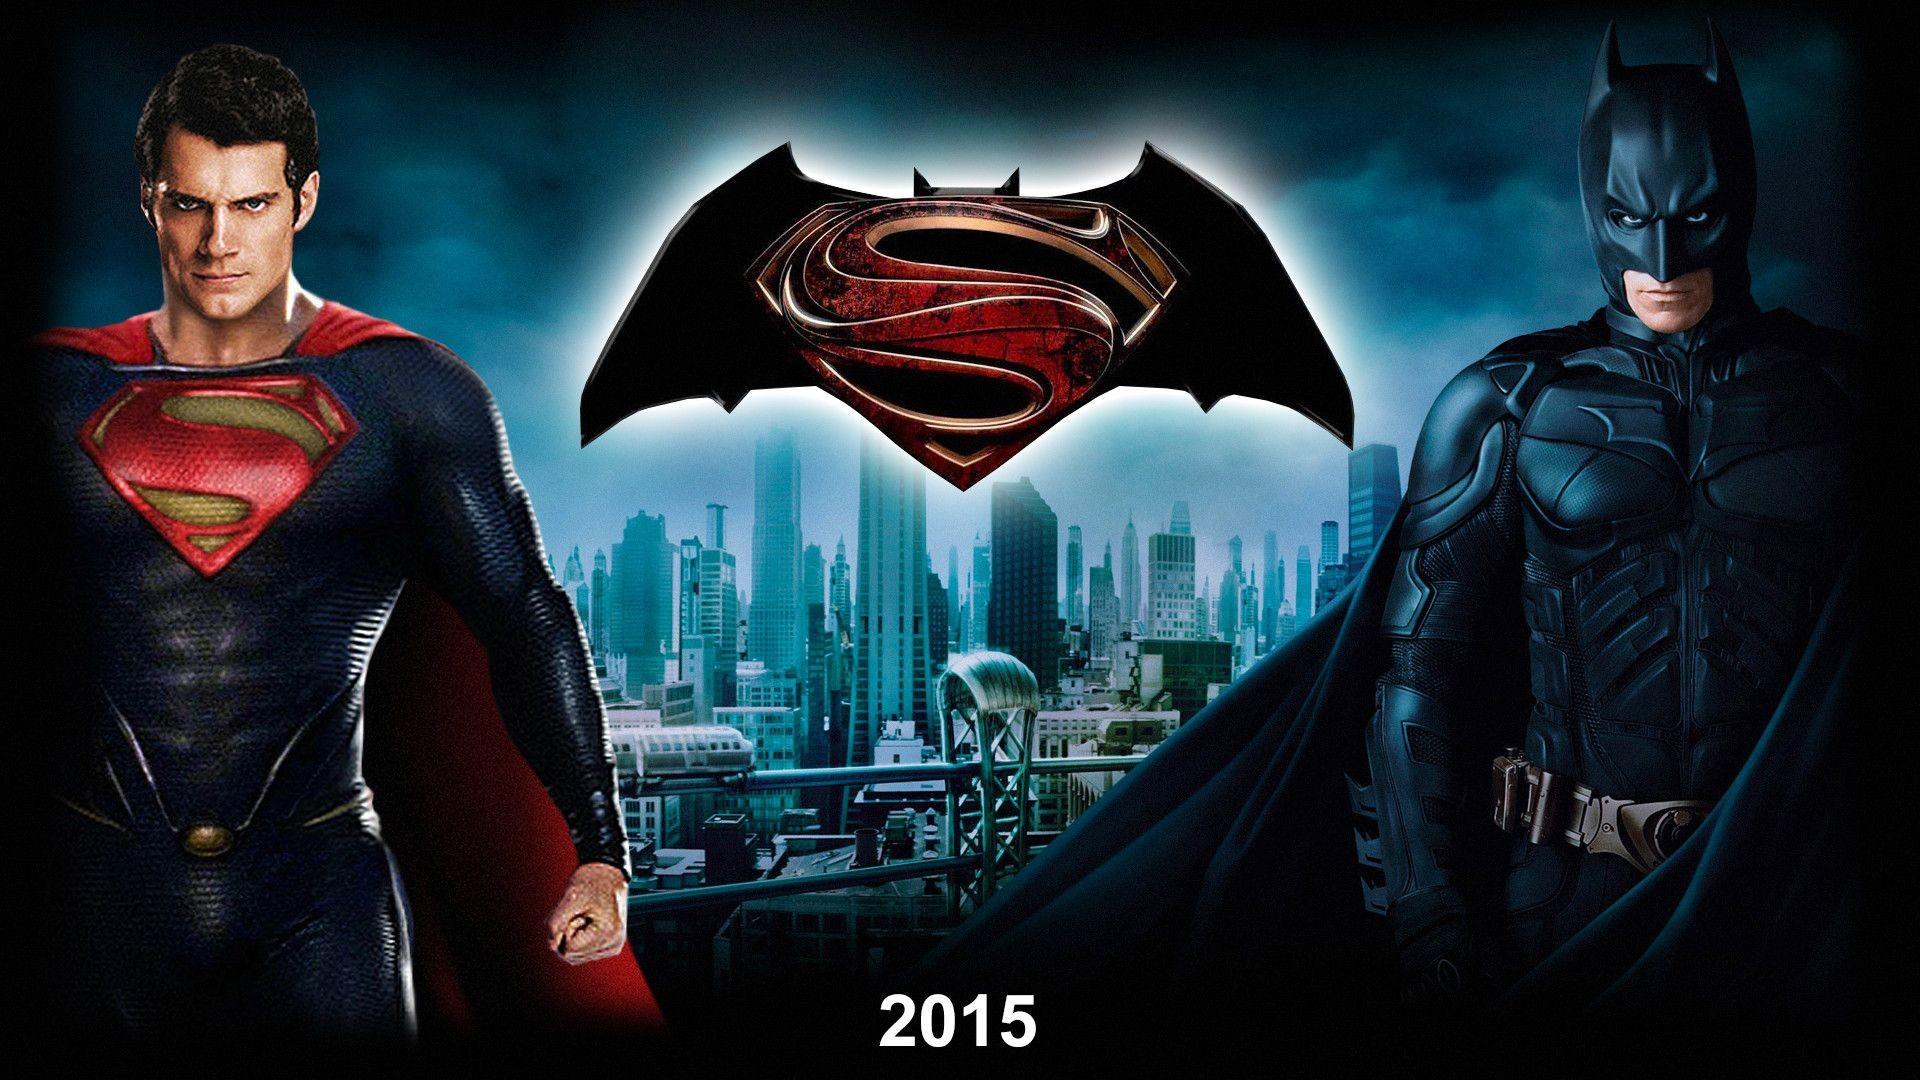 Superman And Batman Logo Wallpapers – Wallpaper Cave